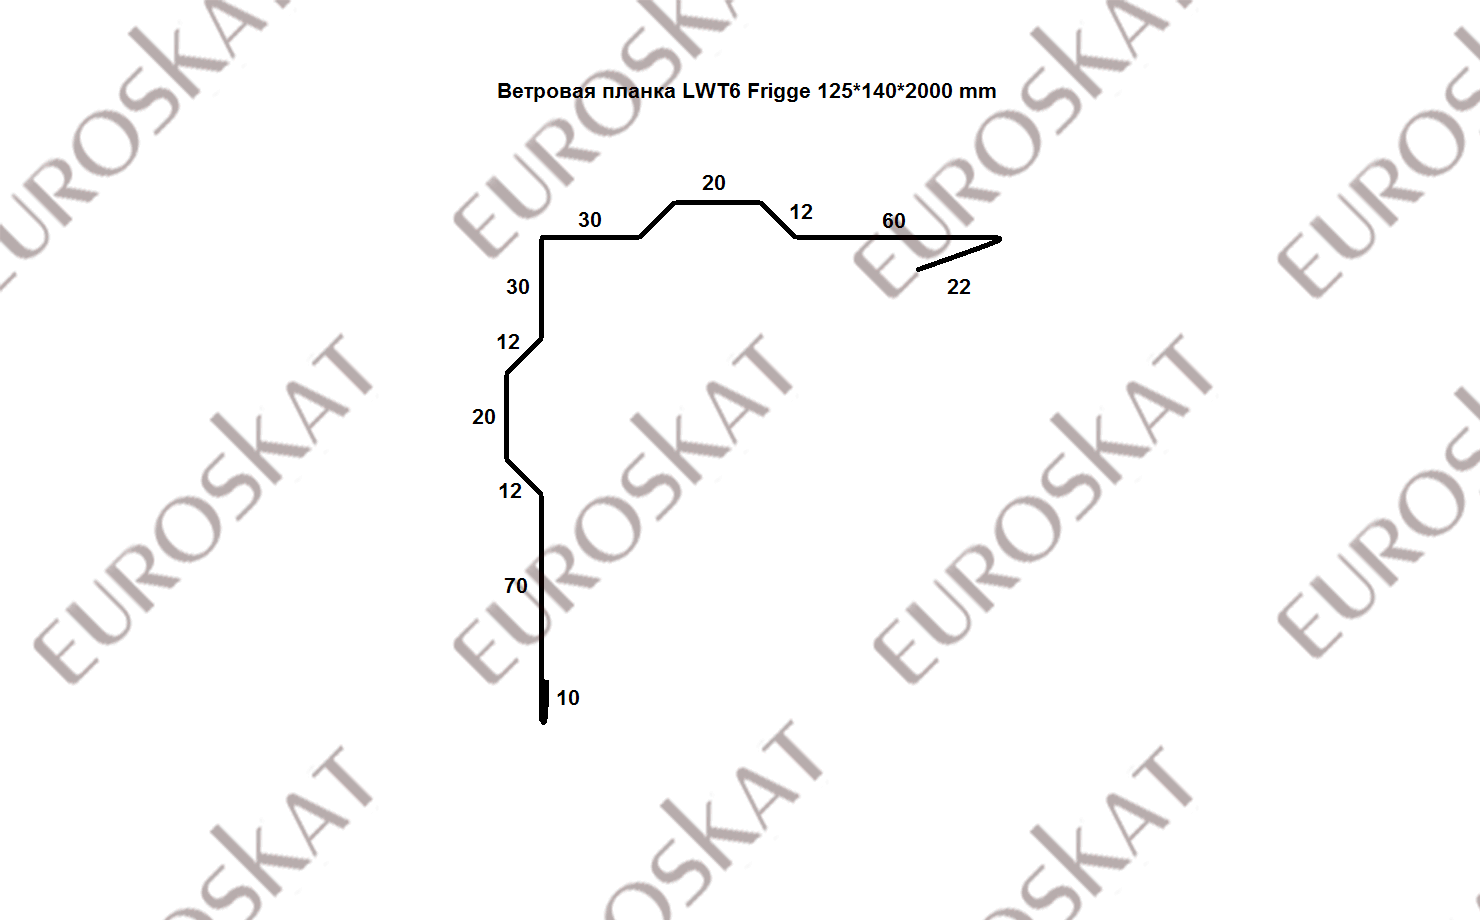 Ветровая планка Frigge LWТ6